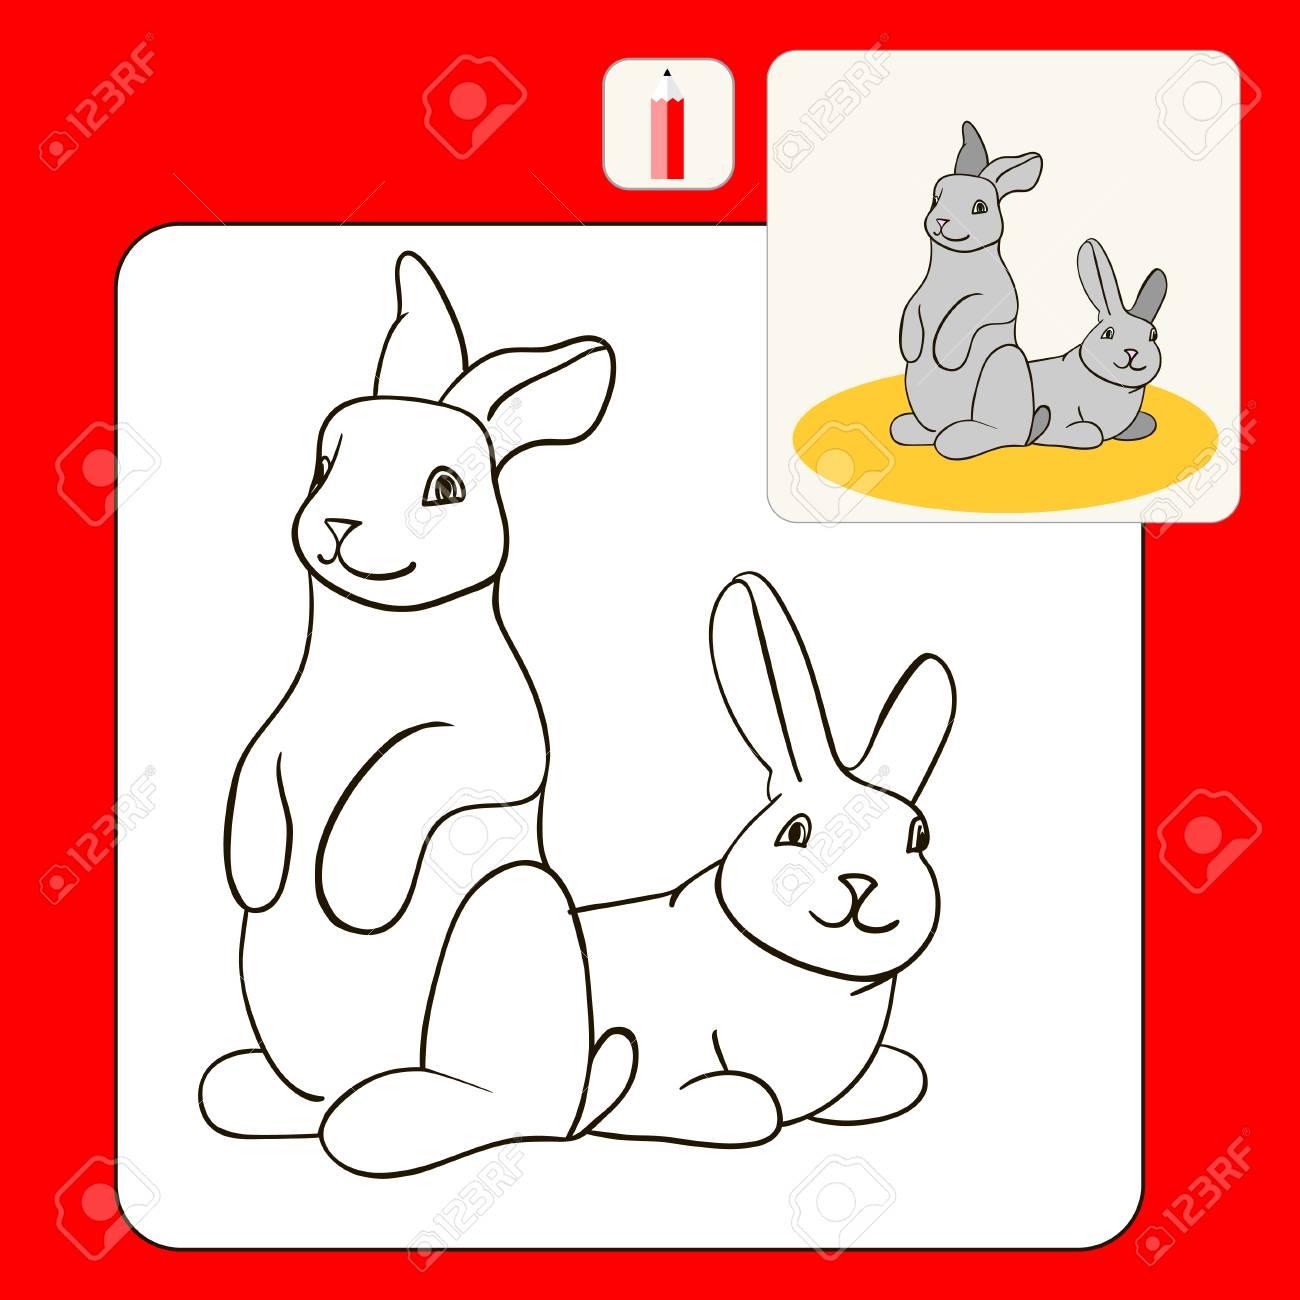 Libro De Colorear Colorear Páginas Del Libro Con La Ilustración De Dibujos Animados Niños Para Colorear Con Conejos Grises La Triste Natación